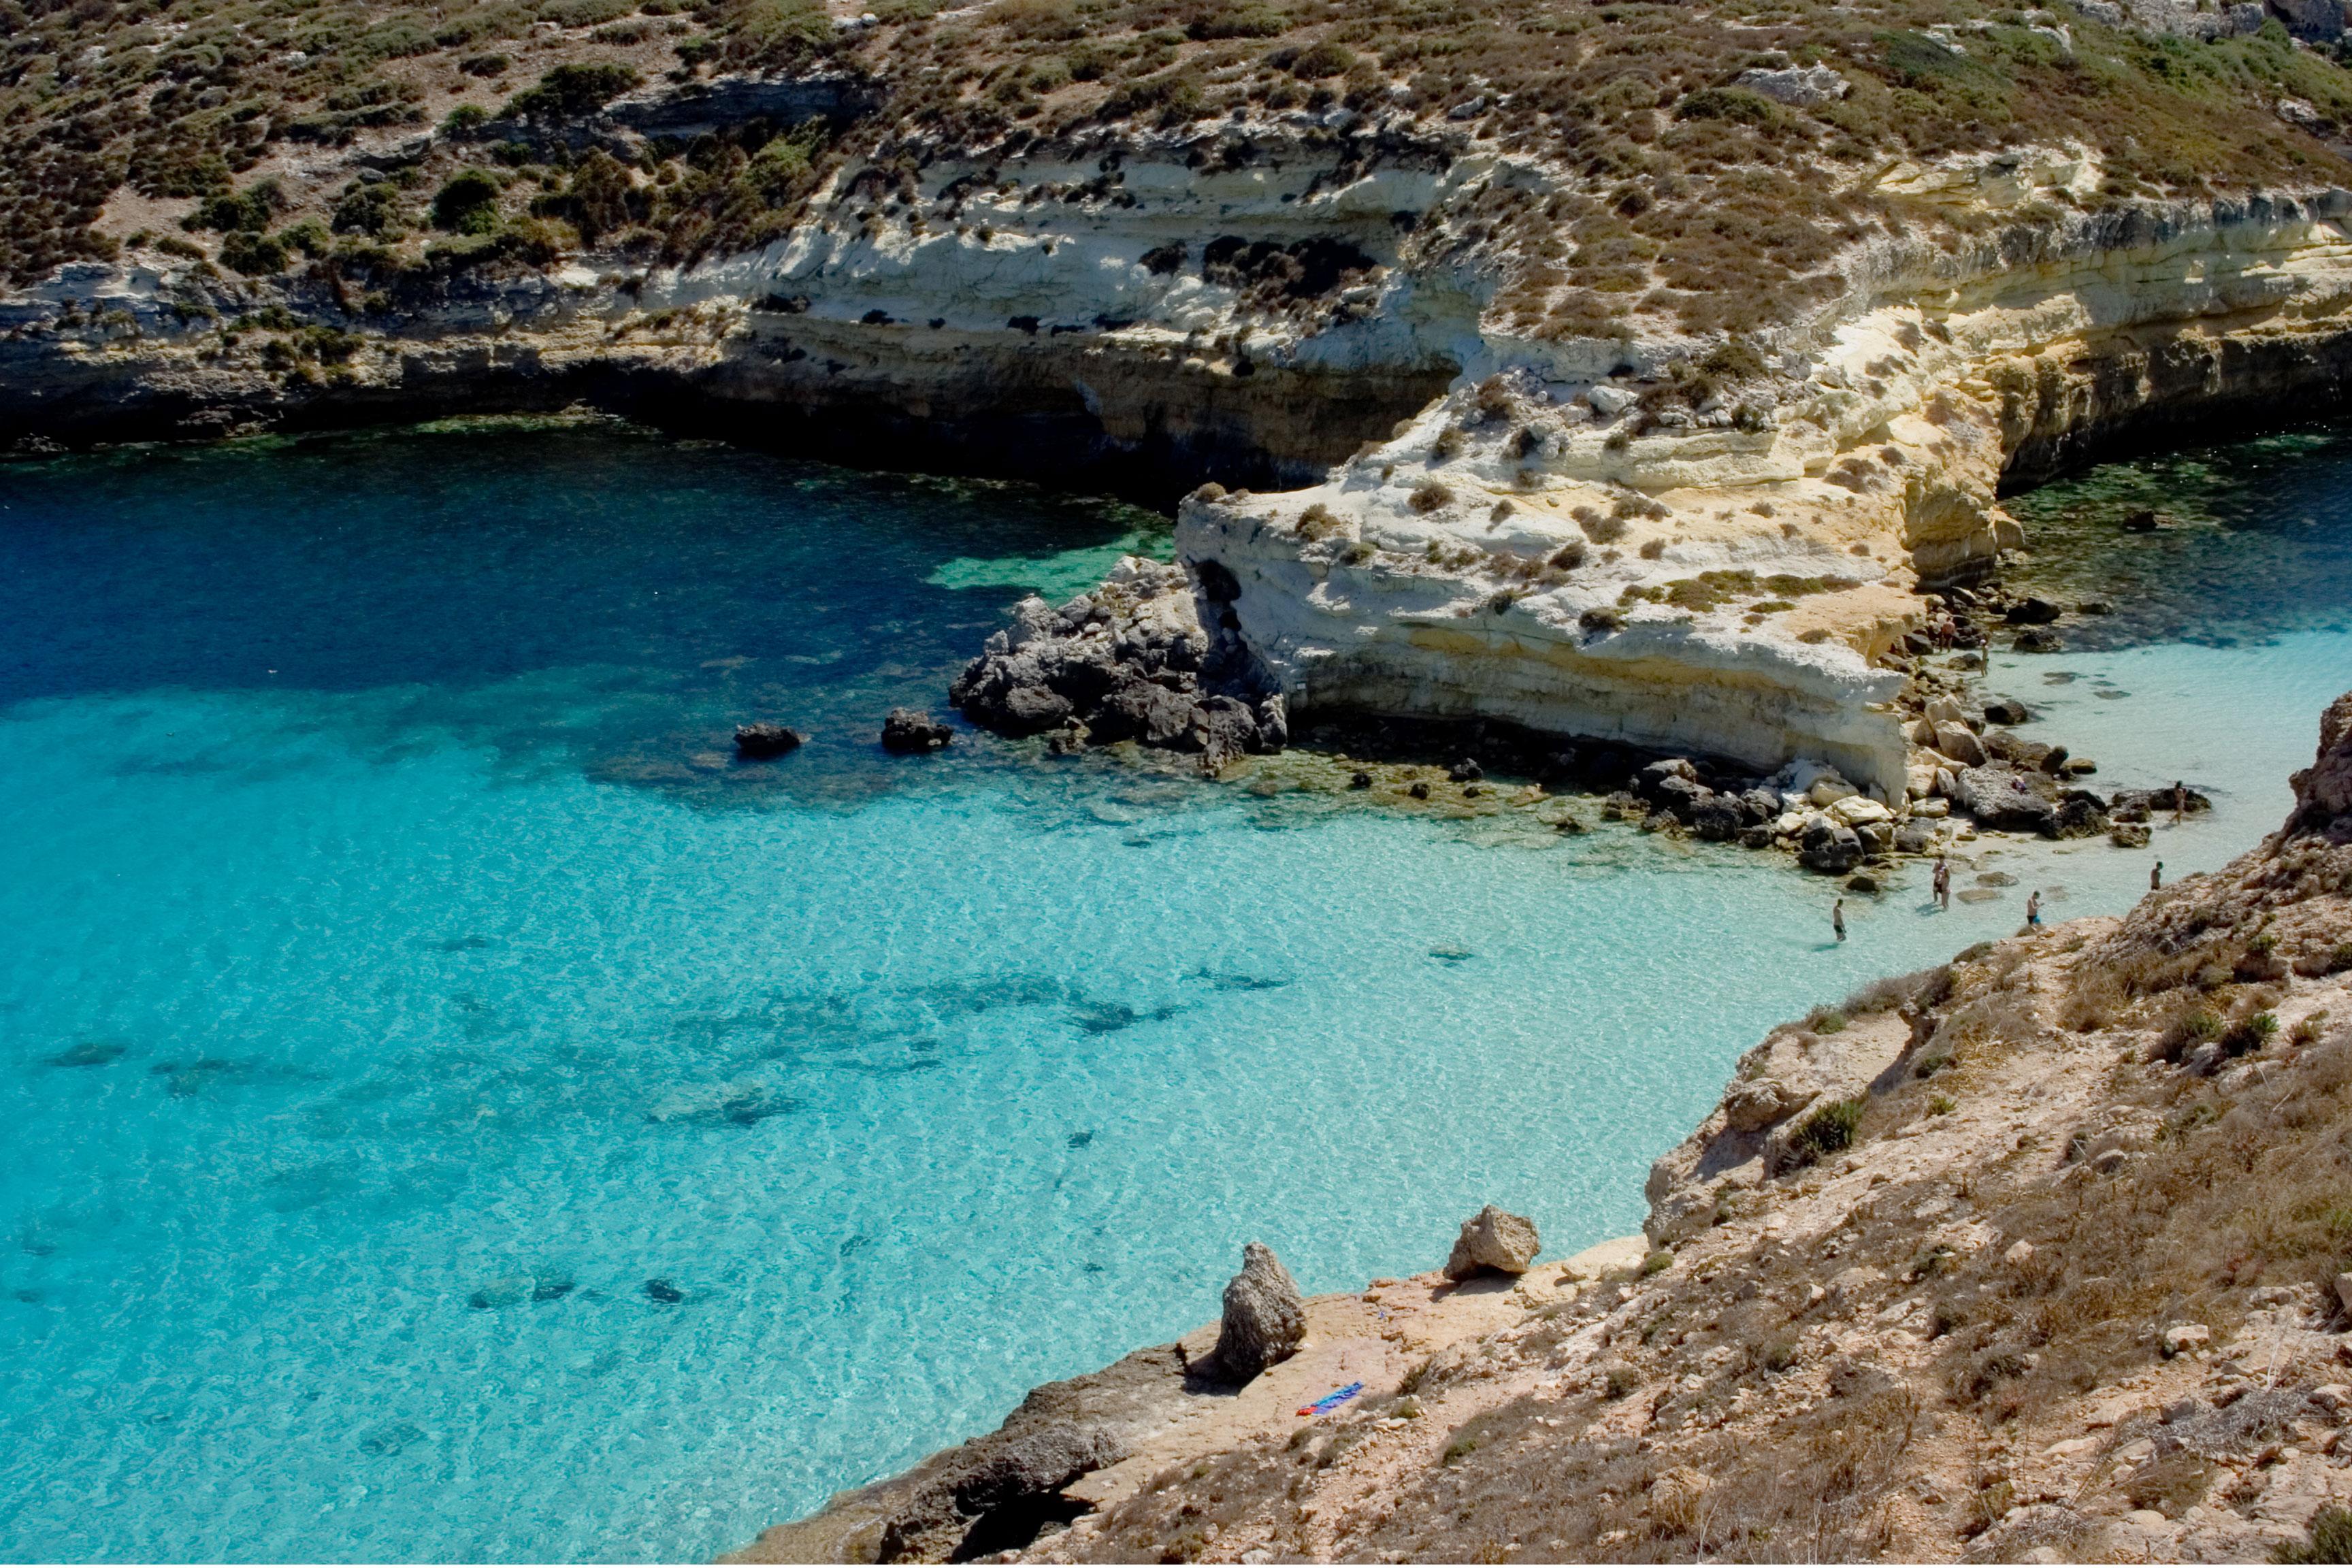 Le spiagge più belle di Lampedusa